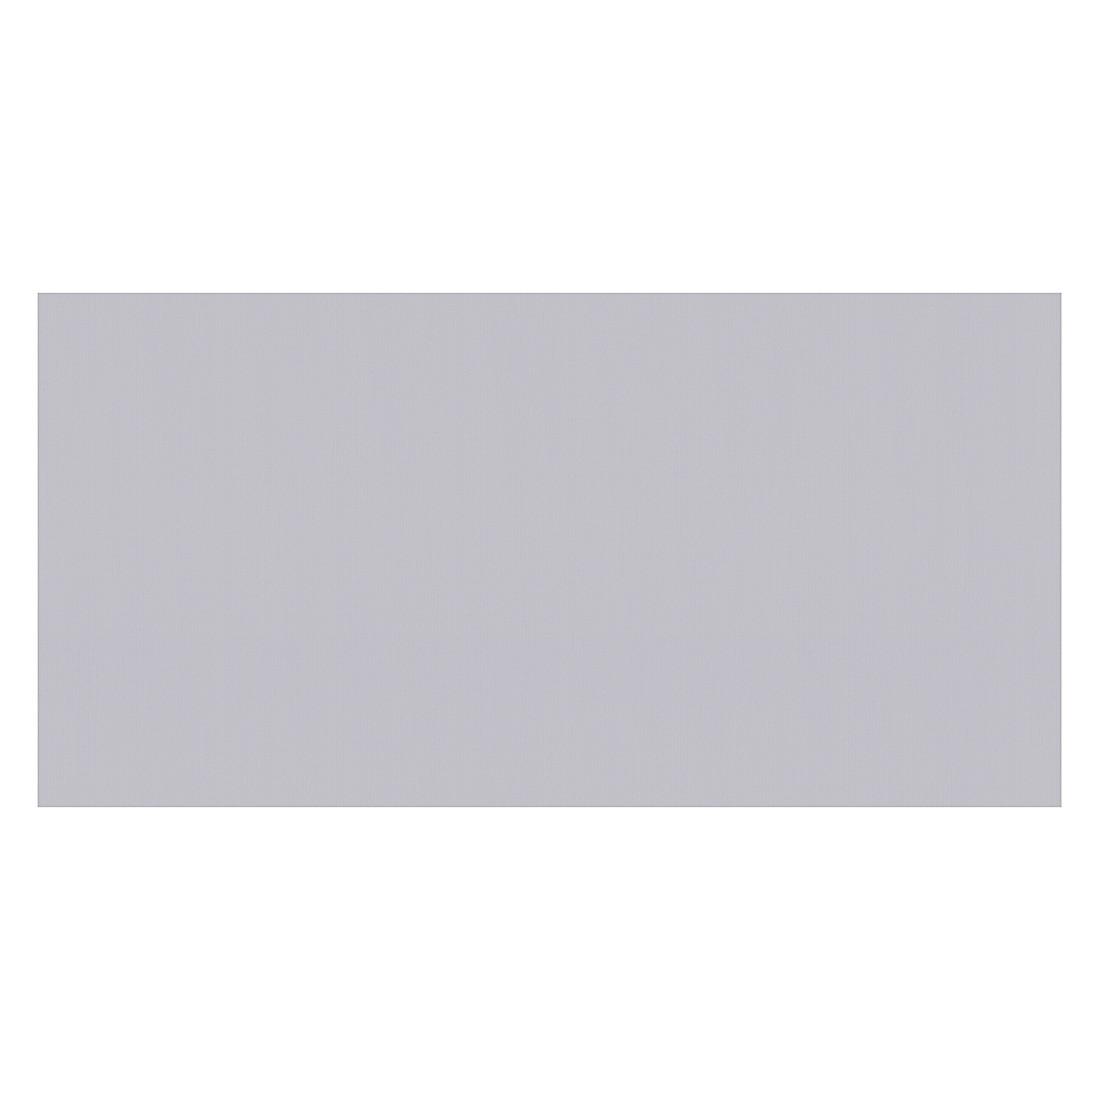 Papiertapete ECO – fenstergrau – fein strukturiert – glatt, Esprit Home online bestellen